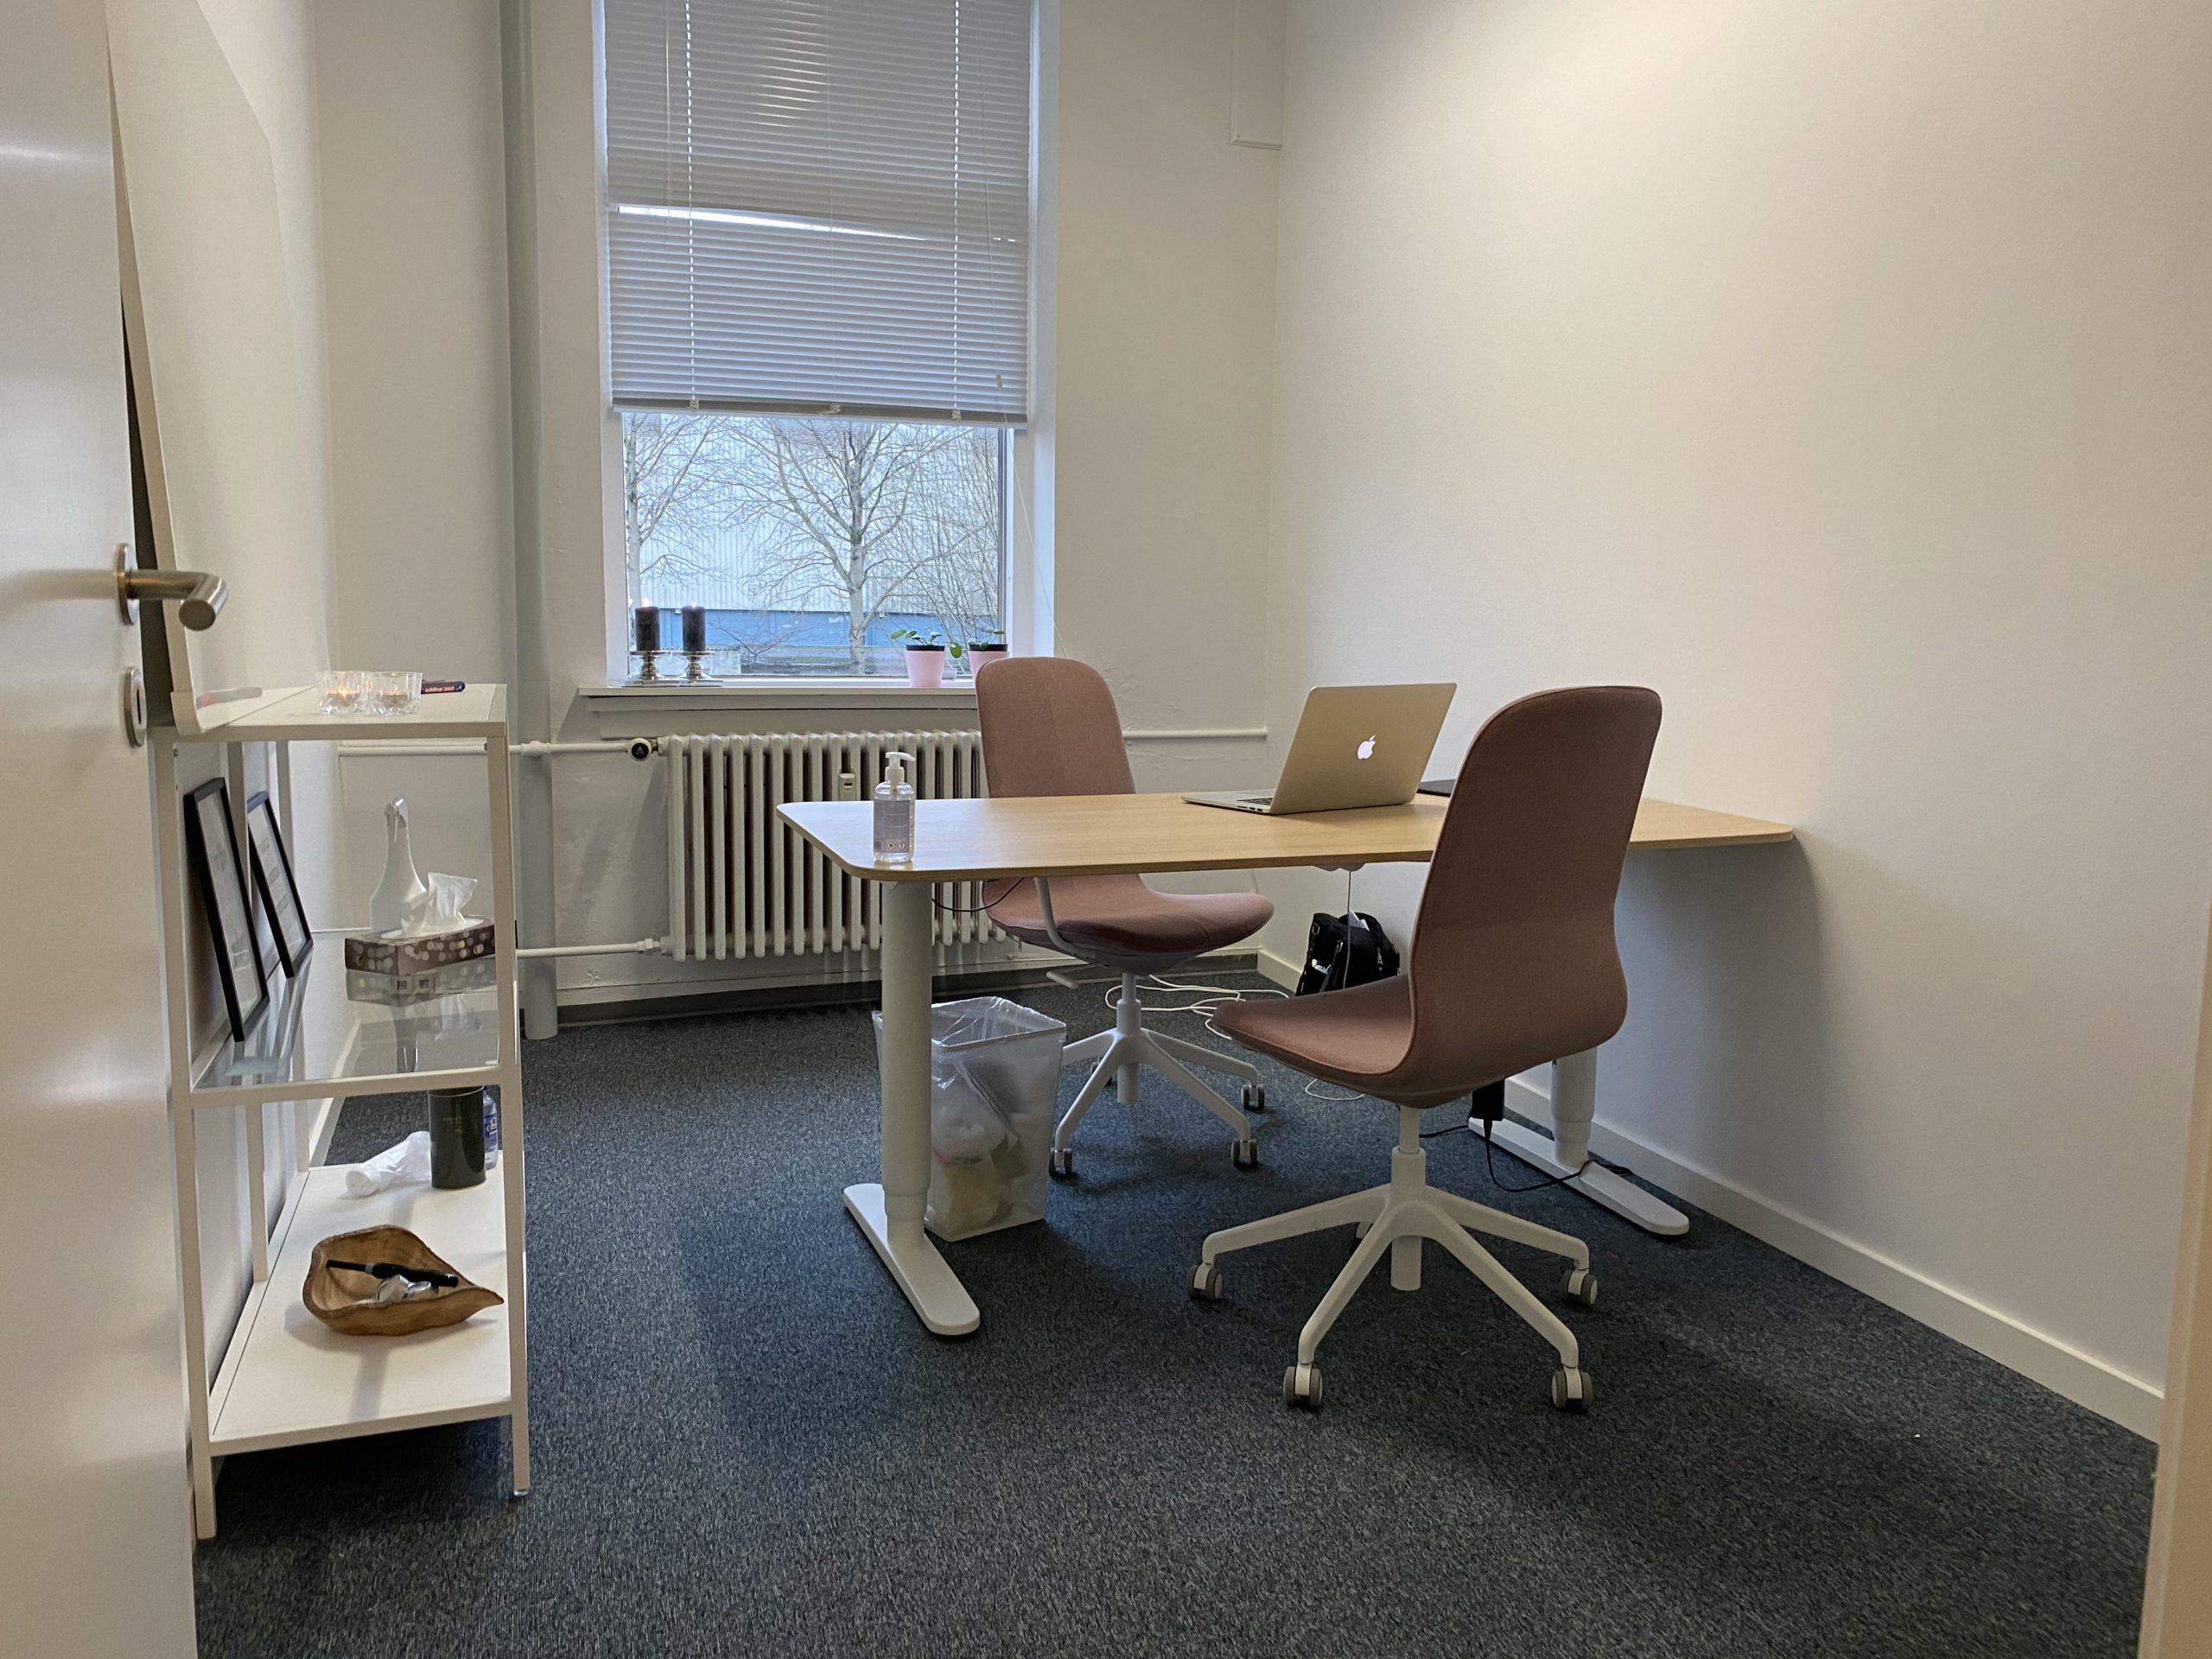 På Havnen i Odense C, er der mulighed for privat konsultation i rolige omgivelser.